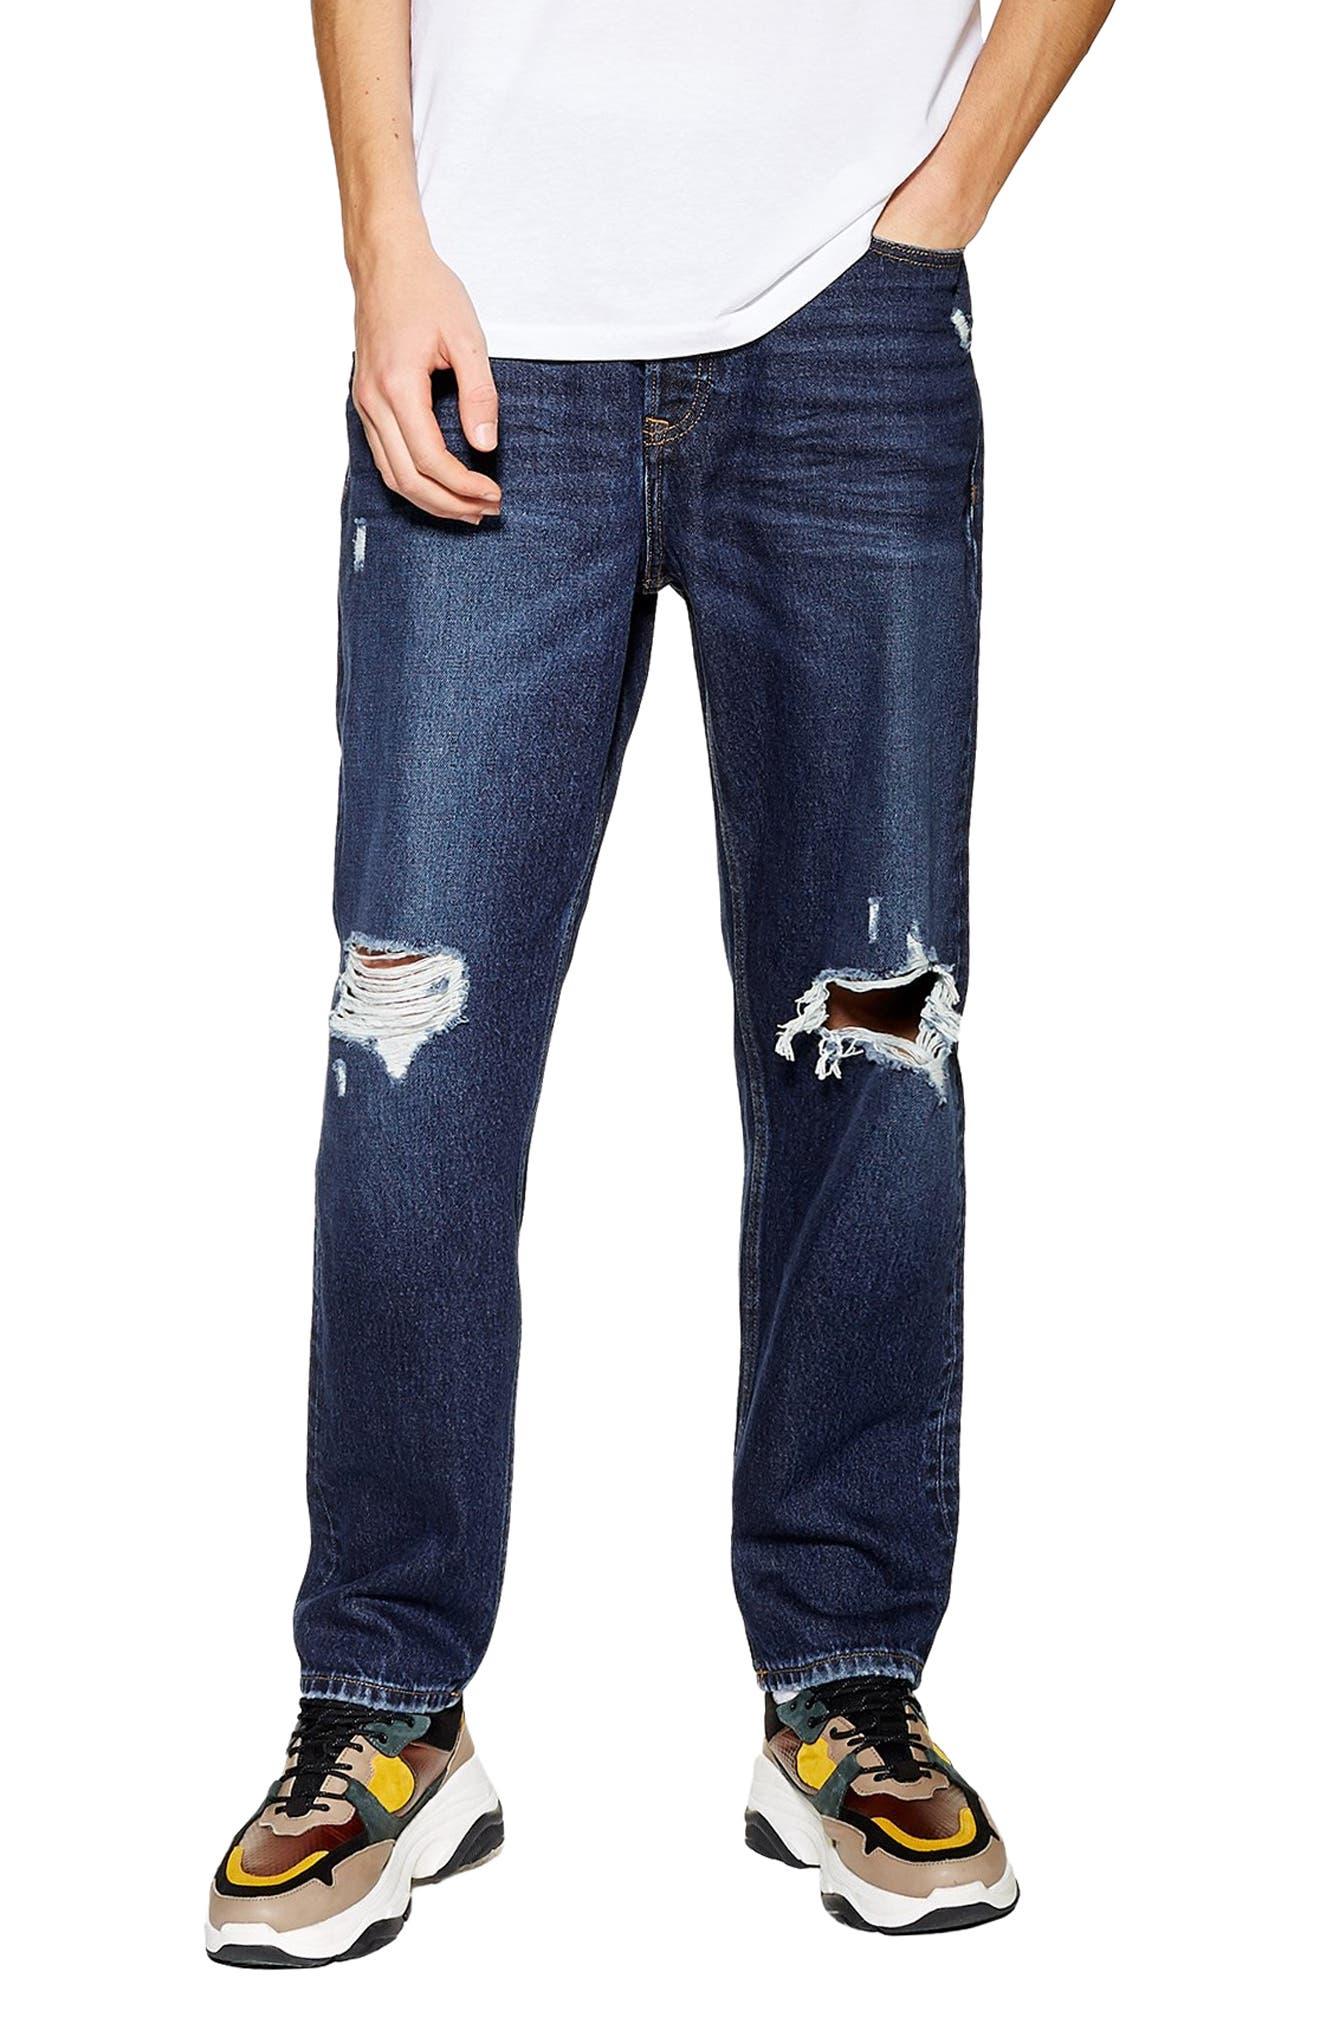 TOPMAN Mikey Original Fit Jeans, Main, color, 400